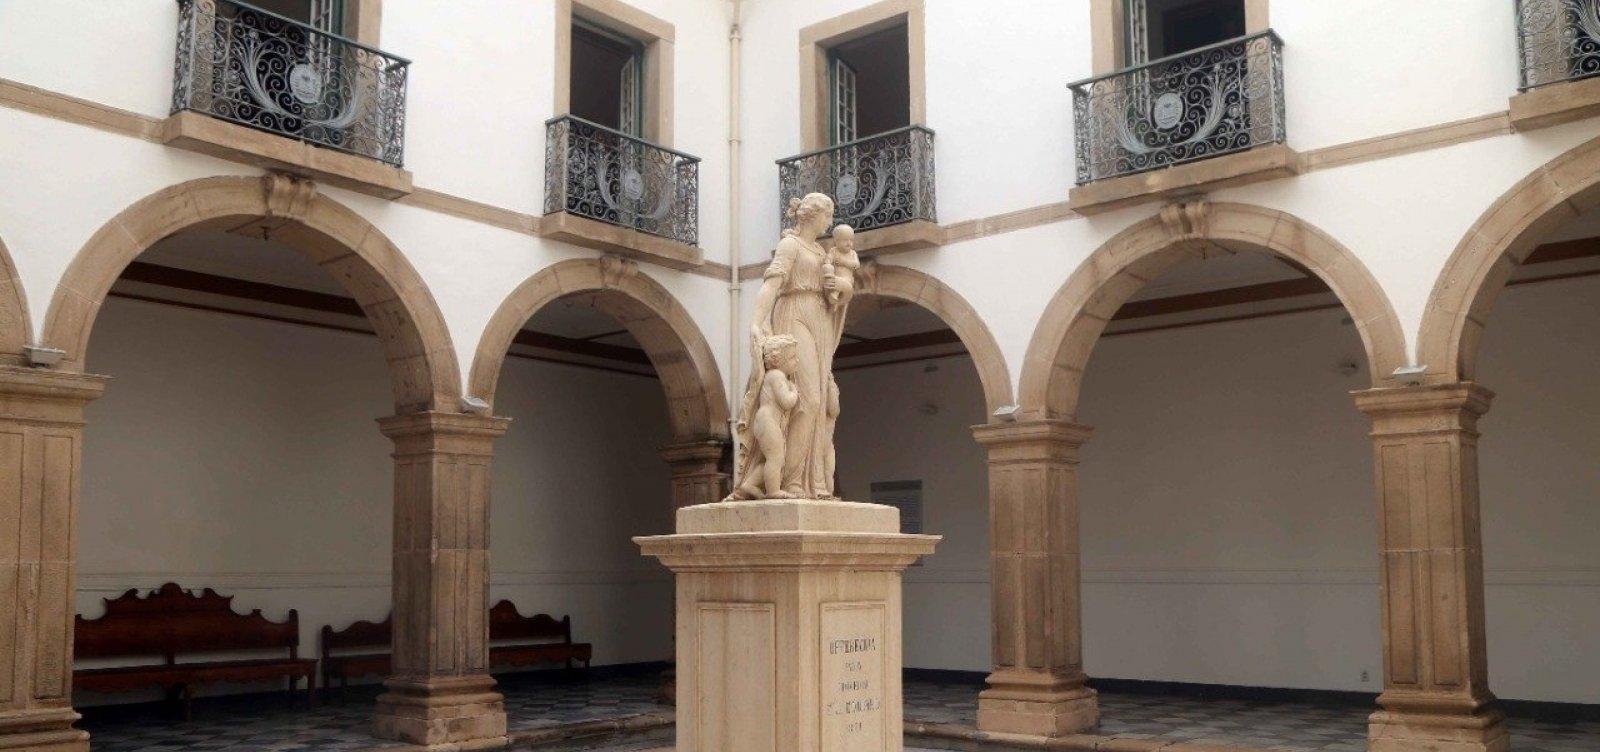 Com rico acervo, Museu da Misericórdia passará por reforma e ampliação